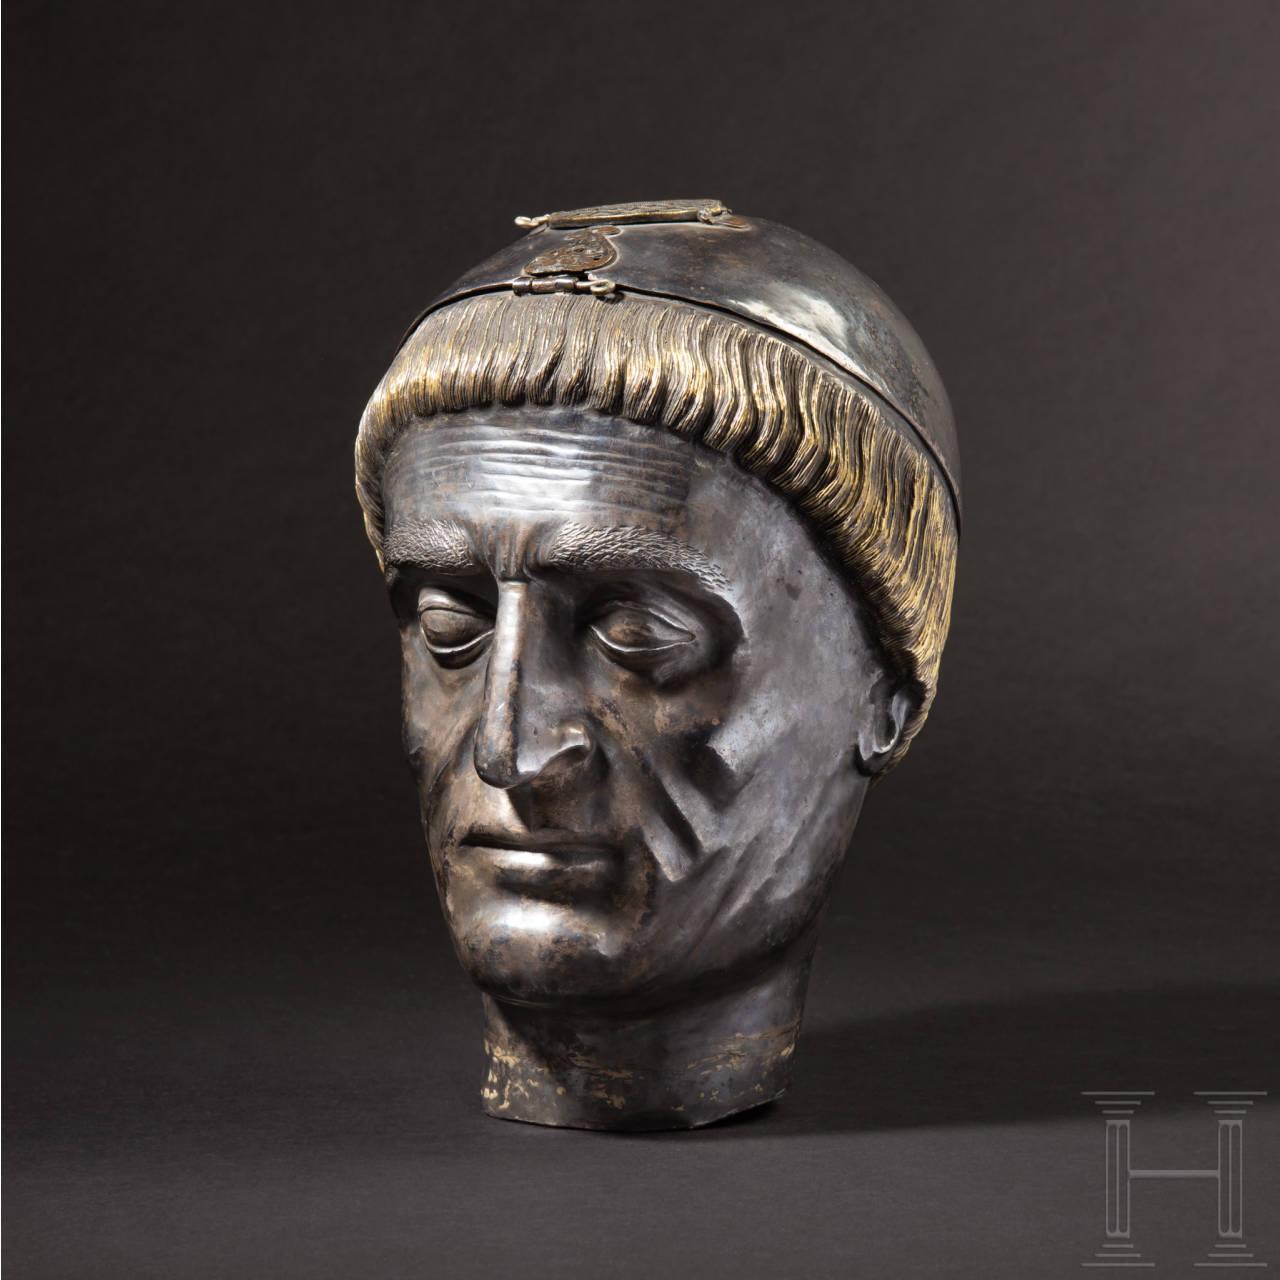 Kopfreliquiar des Heiligen Stephans von Muret, Frankreich, 19. Jhdt.